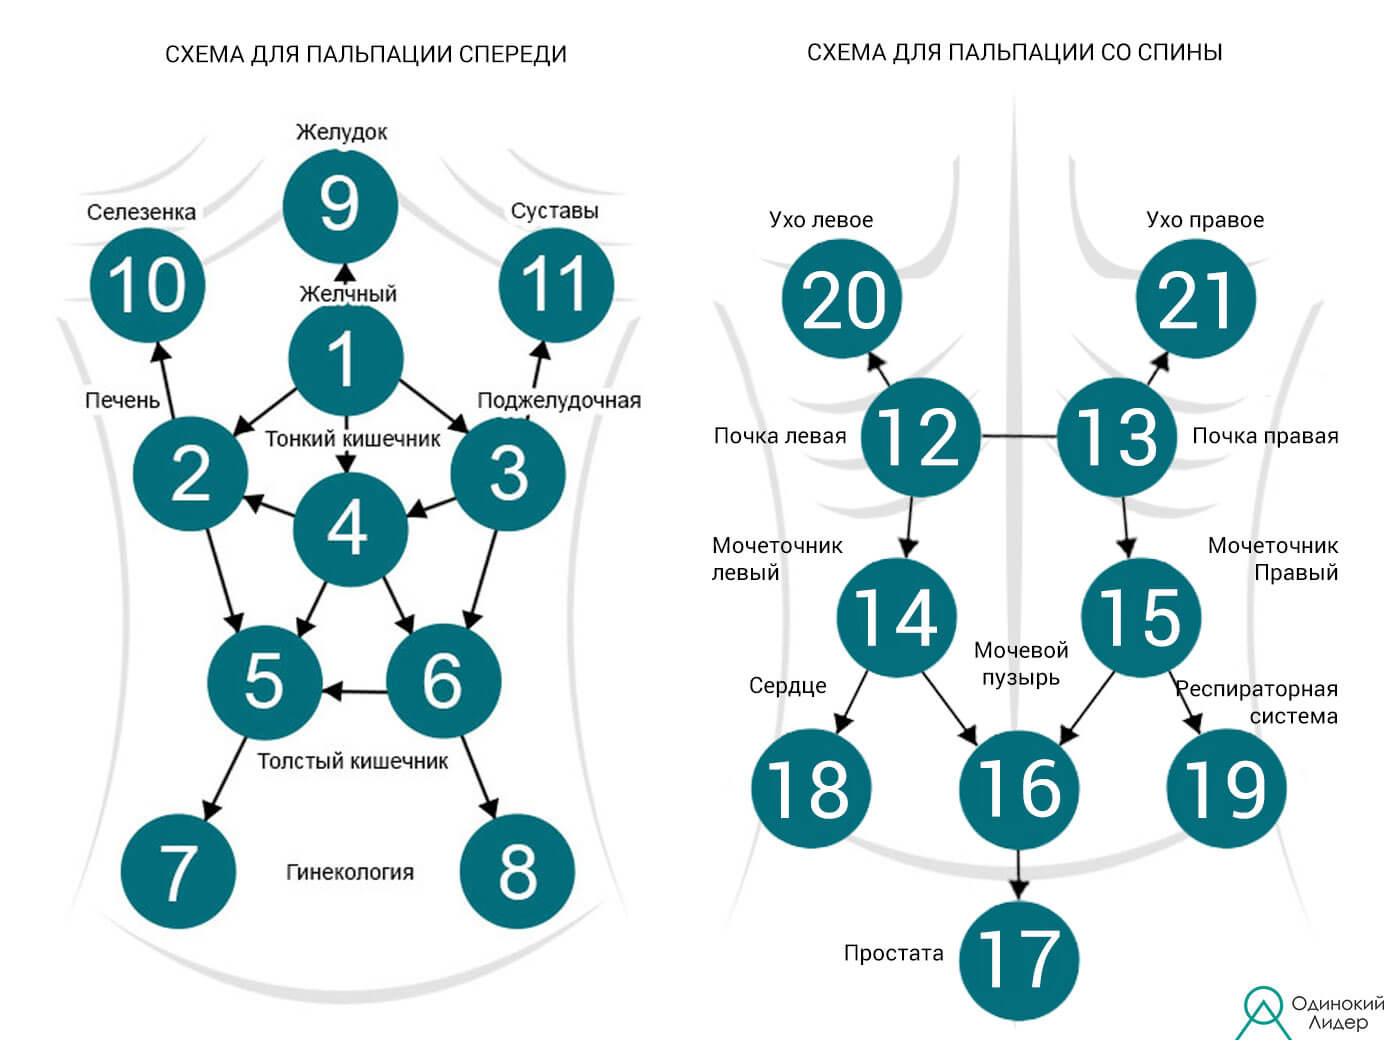 Схема для пальпации